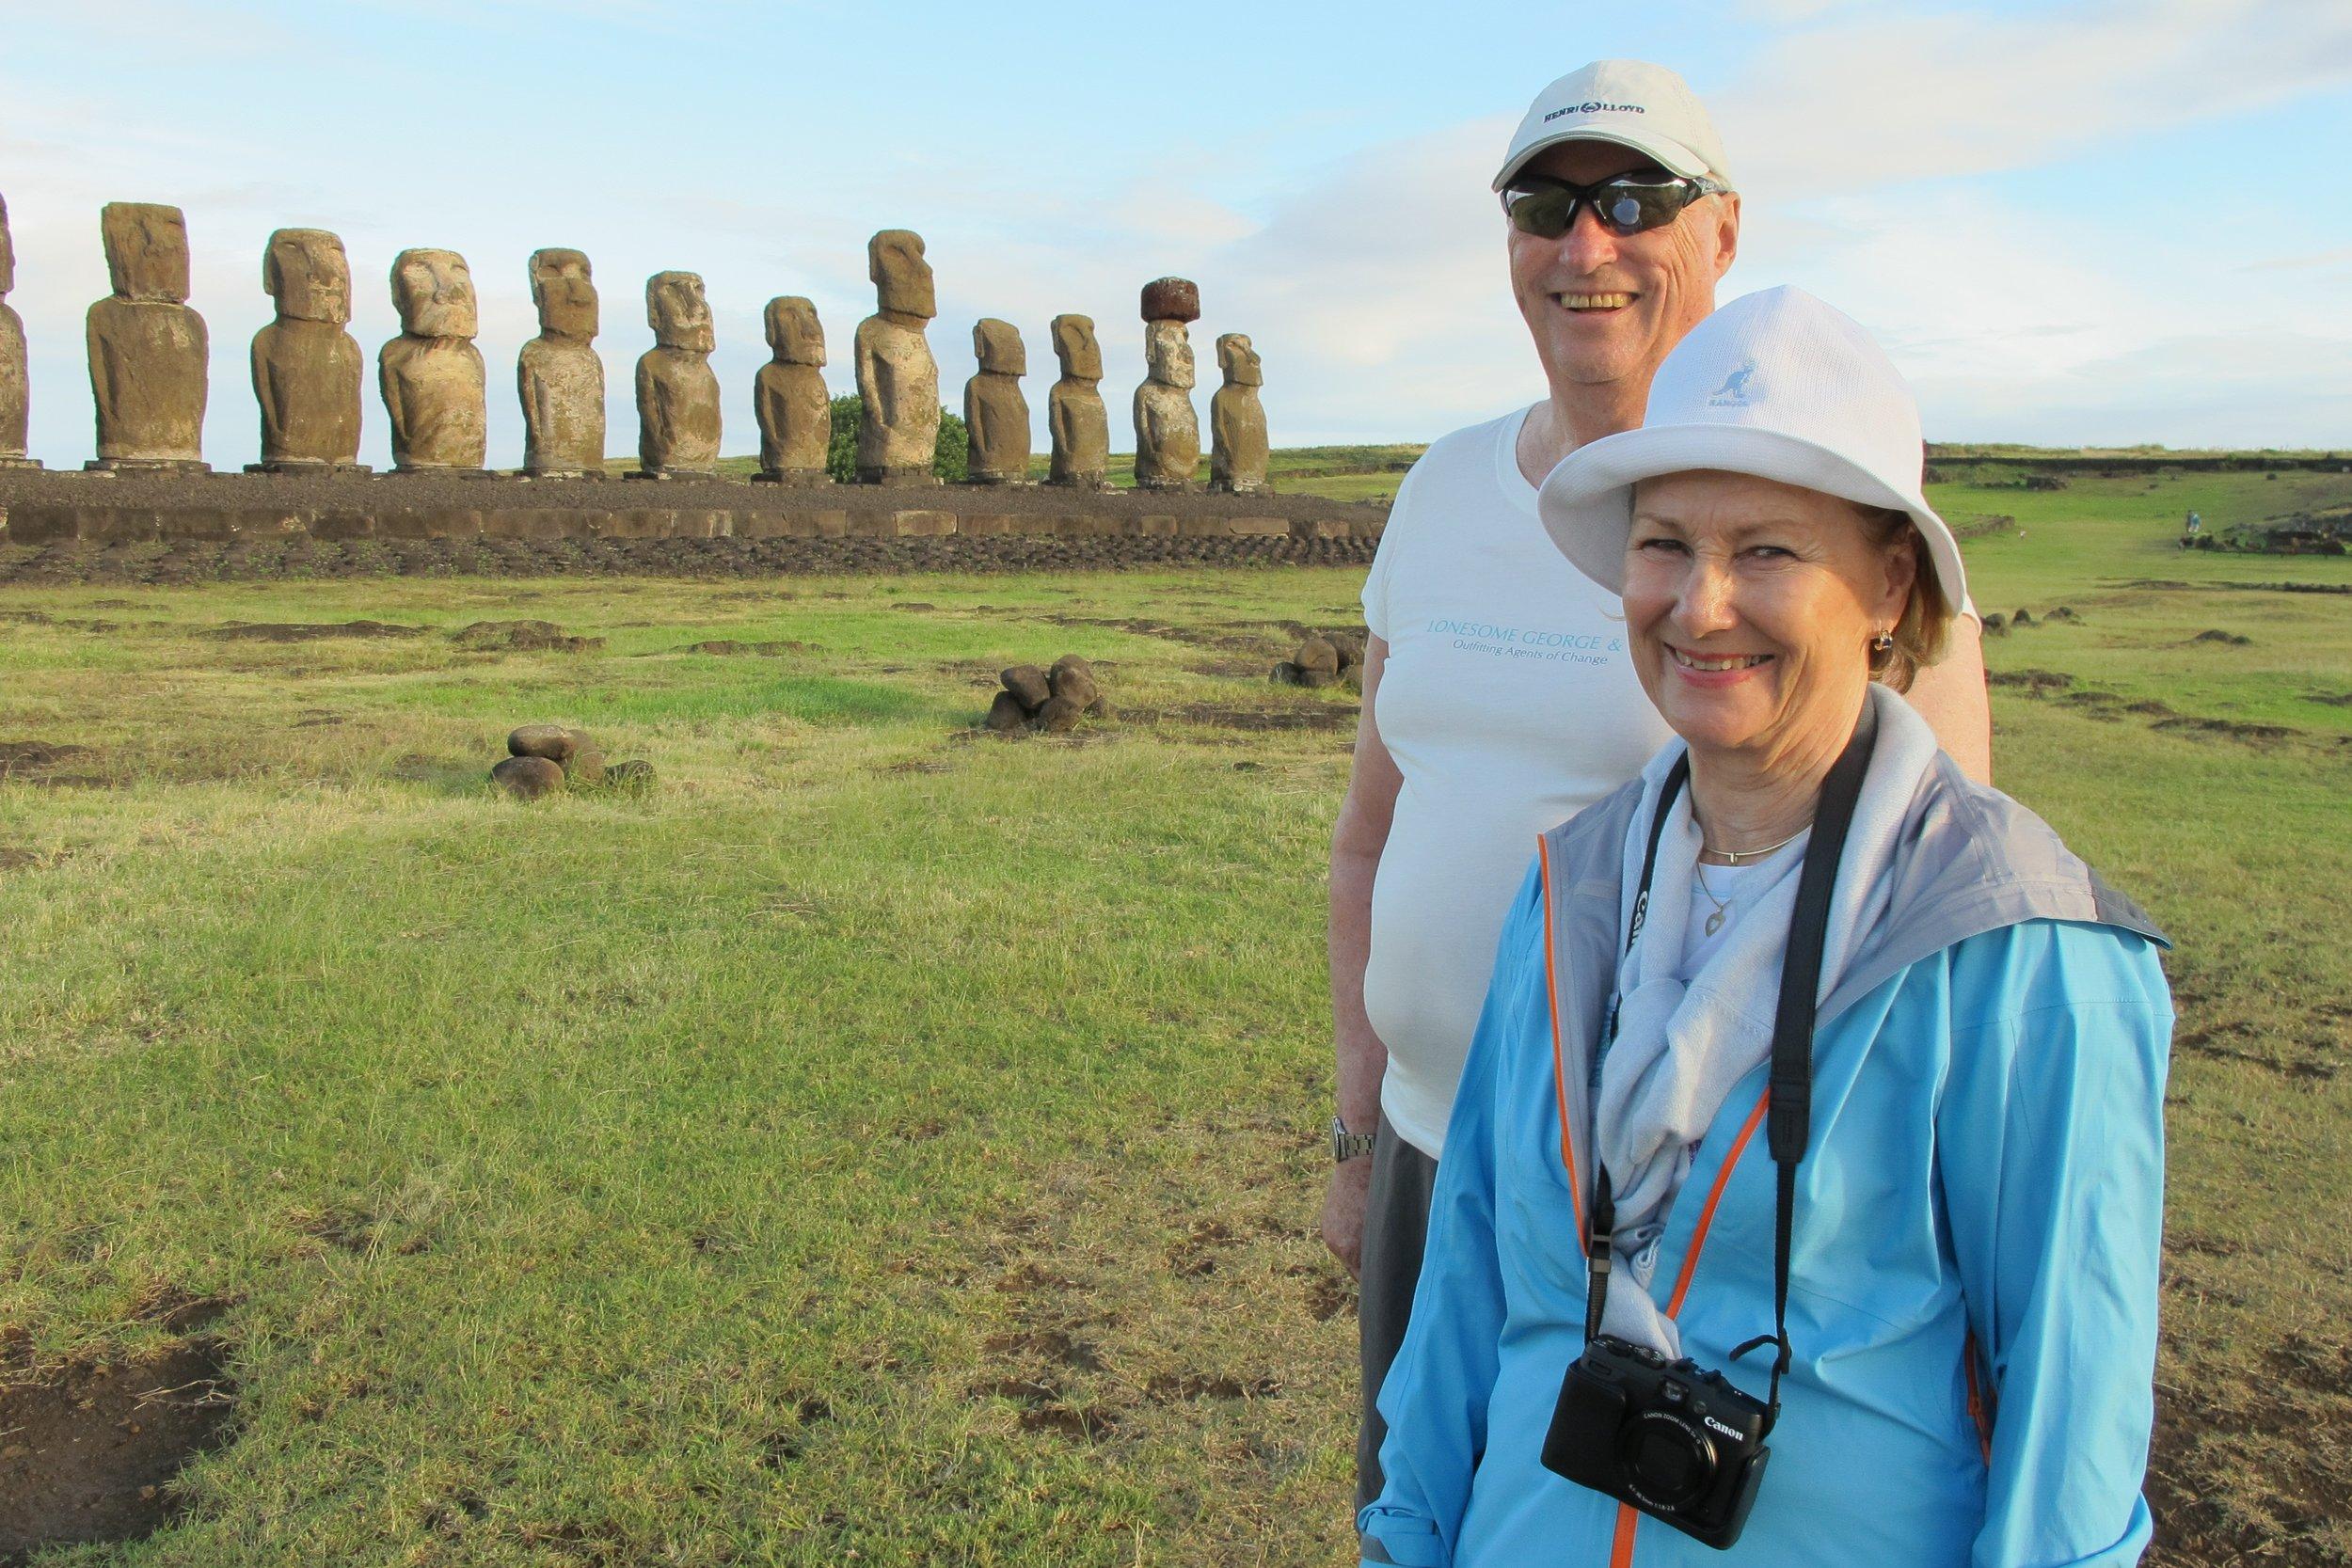 Das Königspaar besucht die Moai-Statuen der Osterinseln   Foto: The Royal Court of Norway